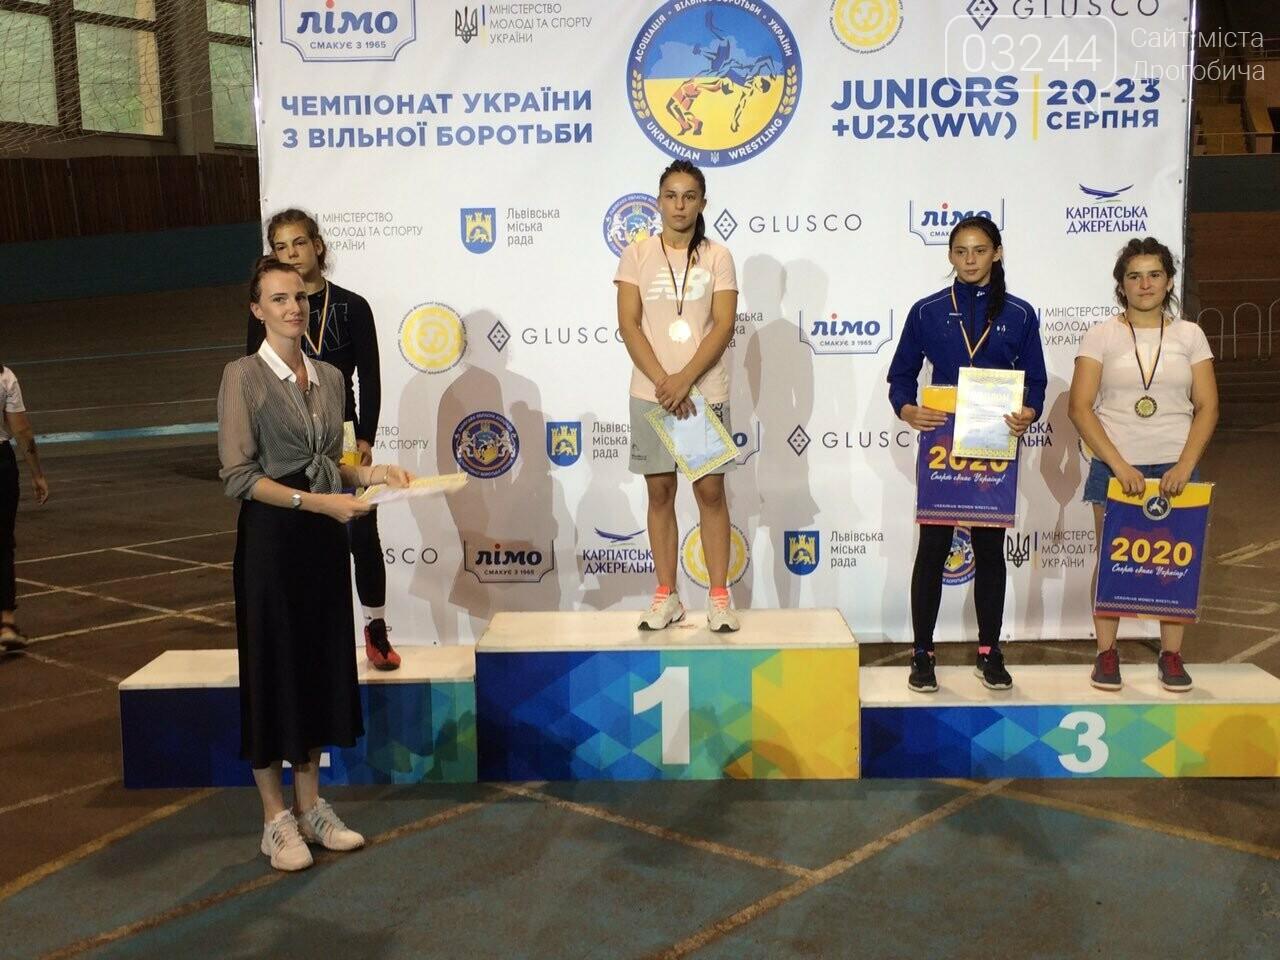 Дрогобичанці Олександрі Хоменець присвоєно звання «Майстер Спорту України» з вільної боротьби, фото-1